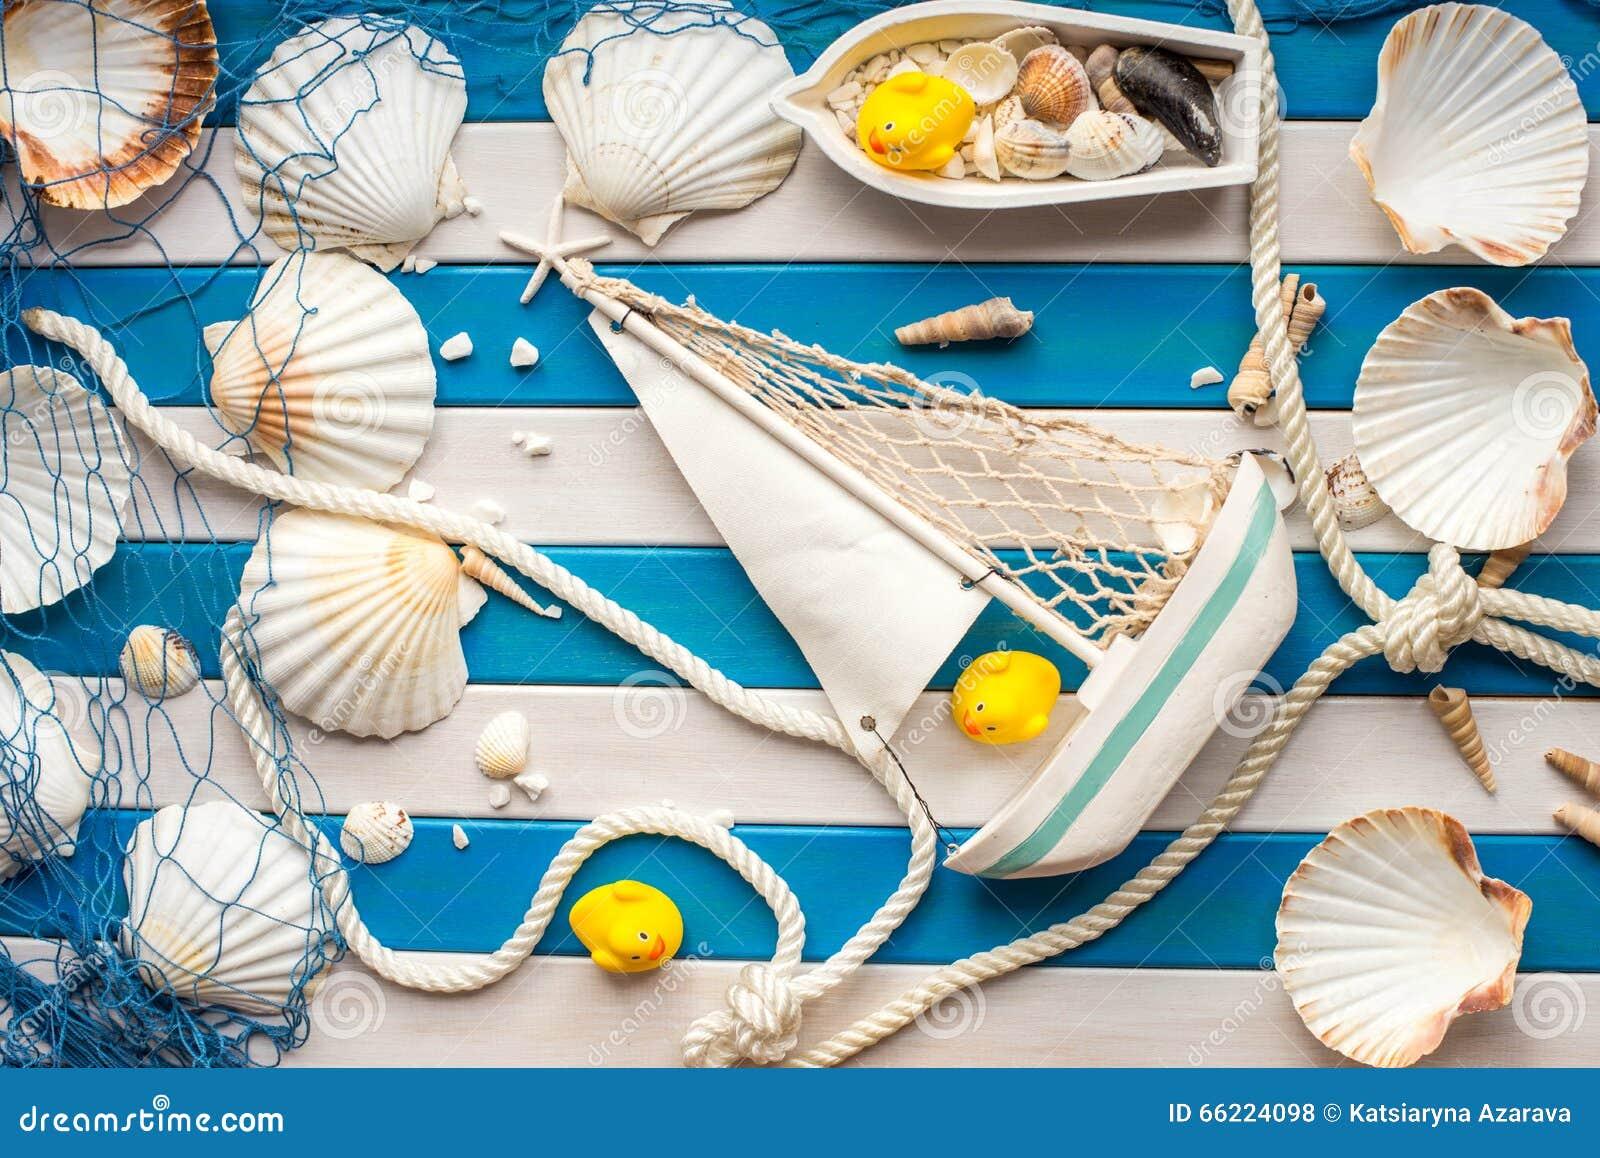 O navio pequeno, o barco de pesca, os shell e o marinheiro rope em um fundo de madeira Conceito do mar Pato de borracha amarelo